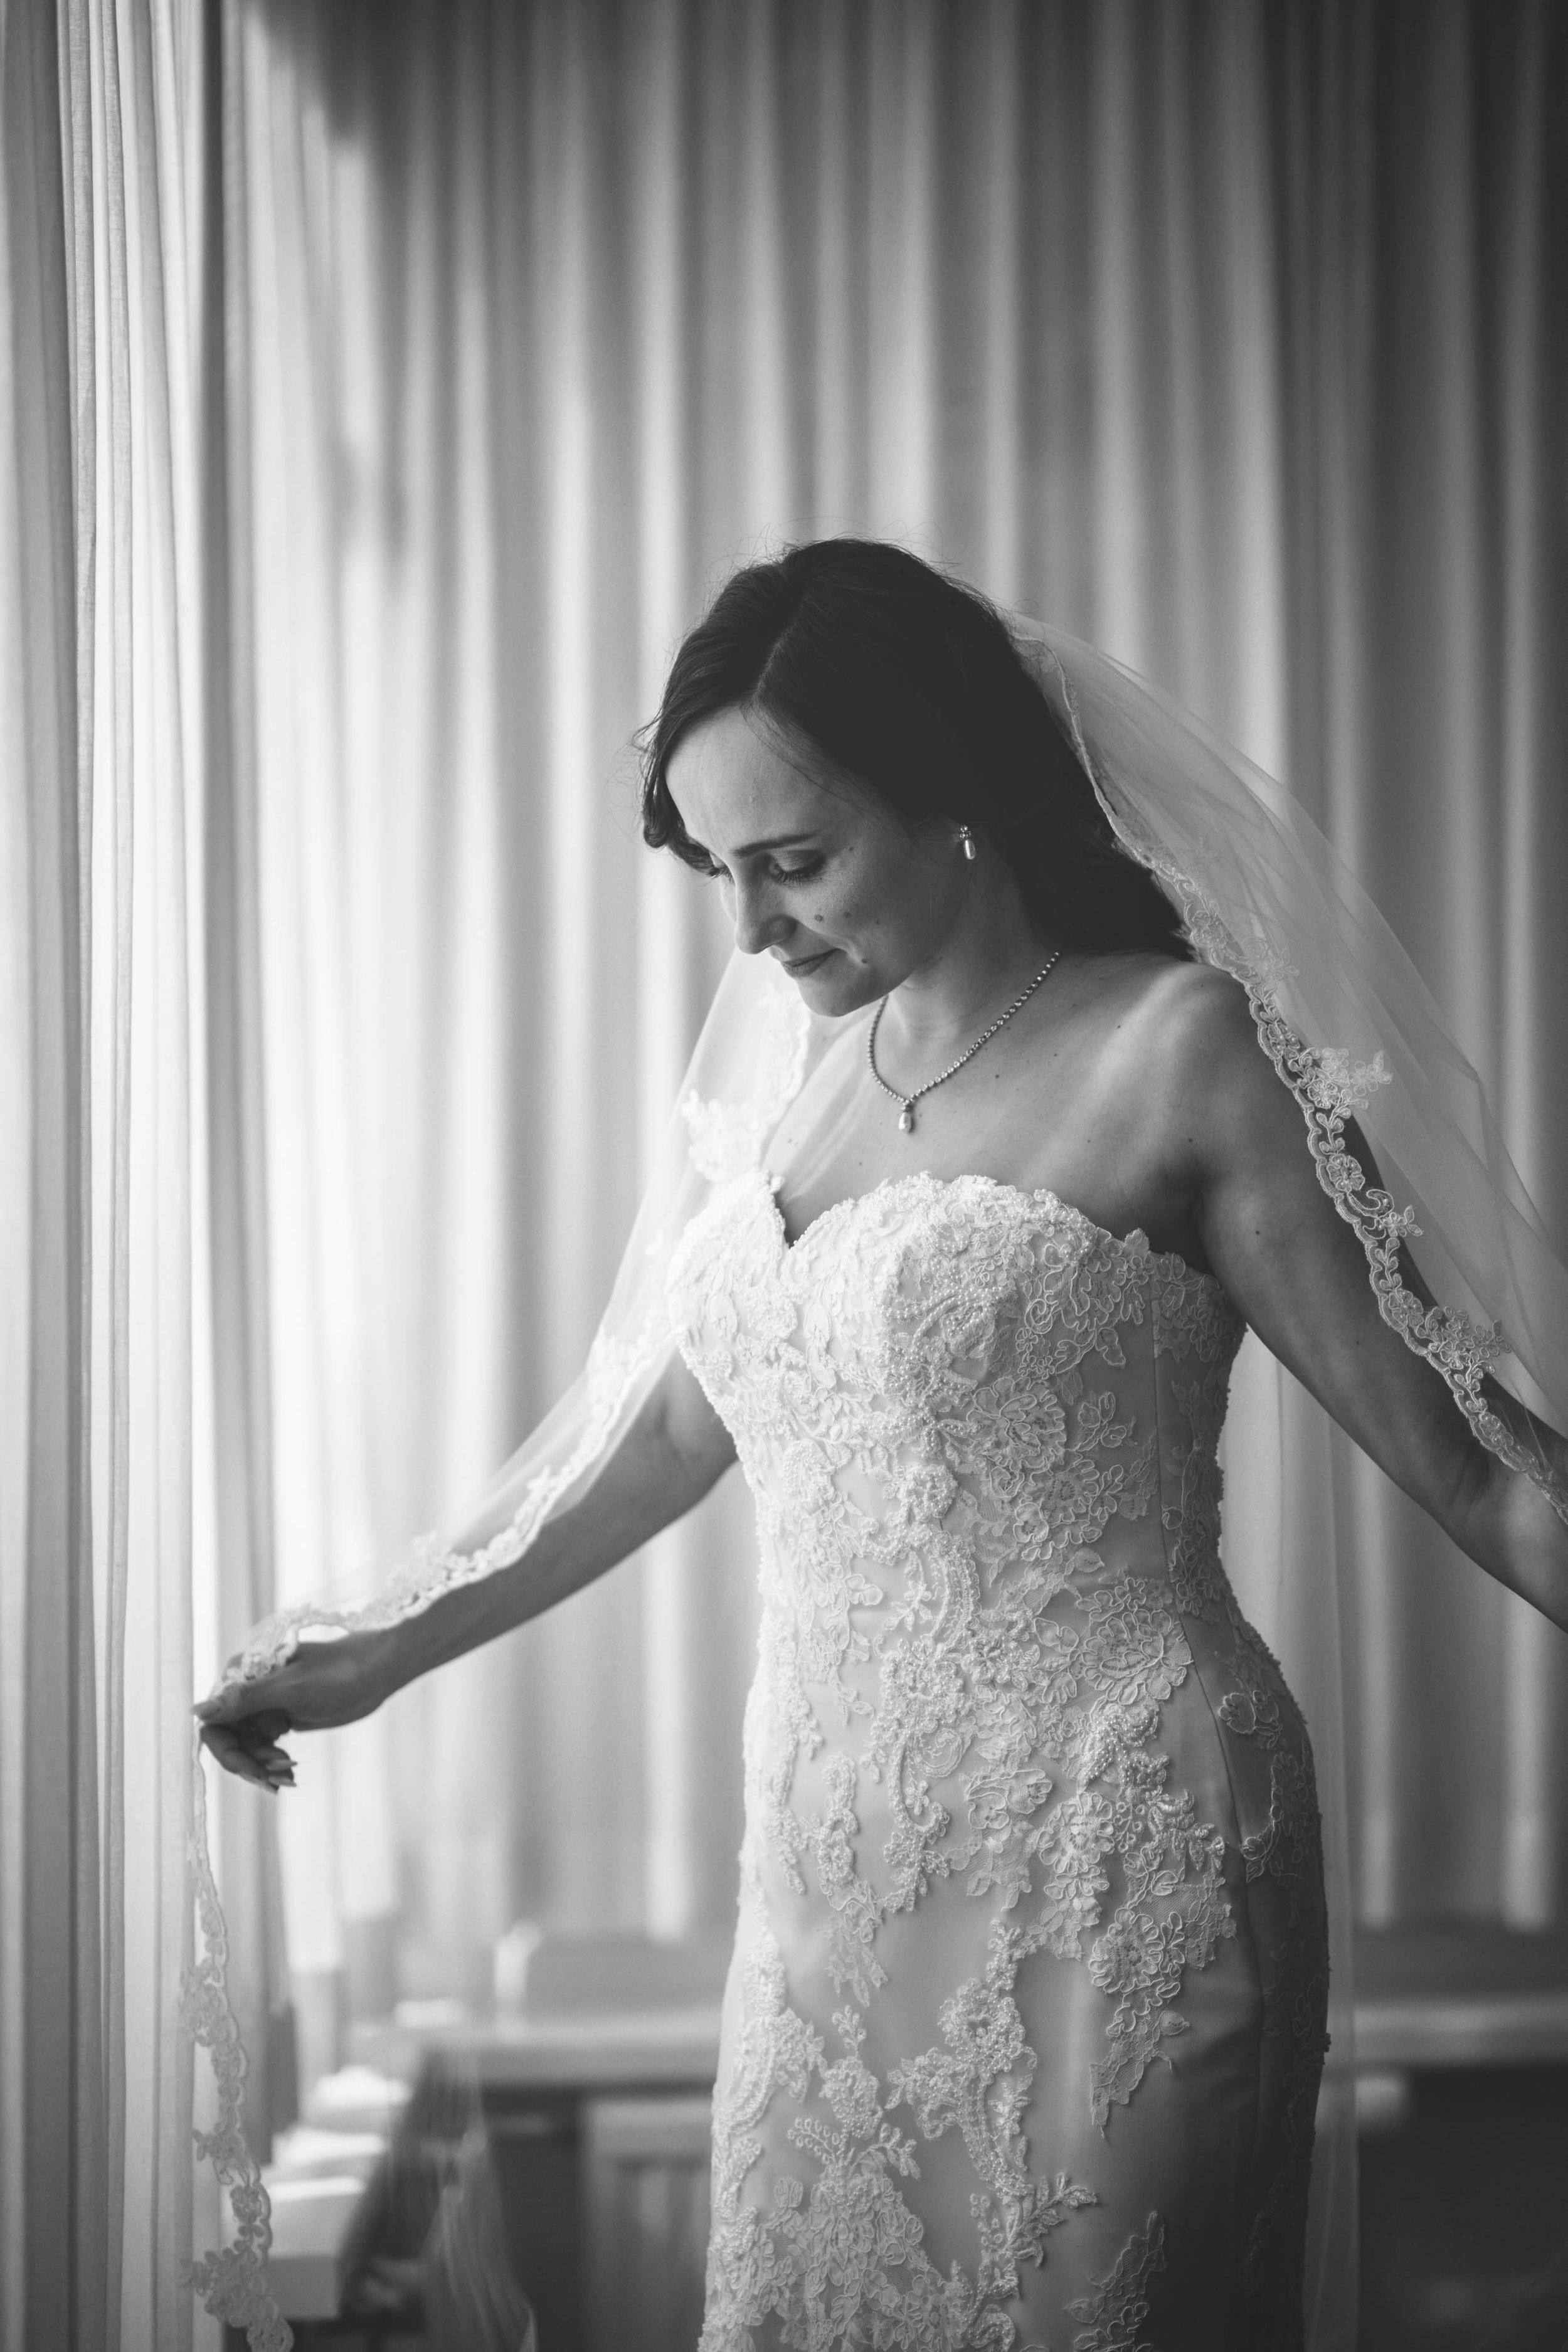 Een foto van de bruid in haar bruidsjurk nadat ze net klaar is met zichzelf klaarmaken voor de bruiloft.